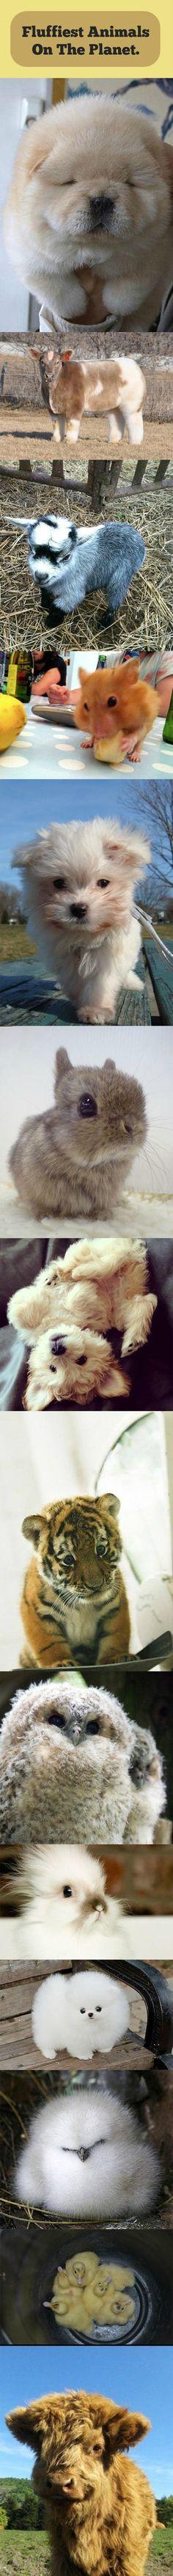 Fluffy Cute Animals | Mega Memes LOL!